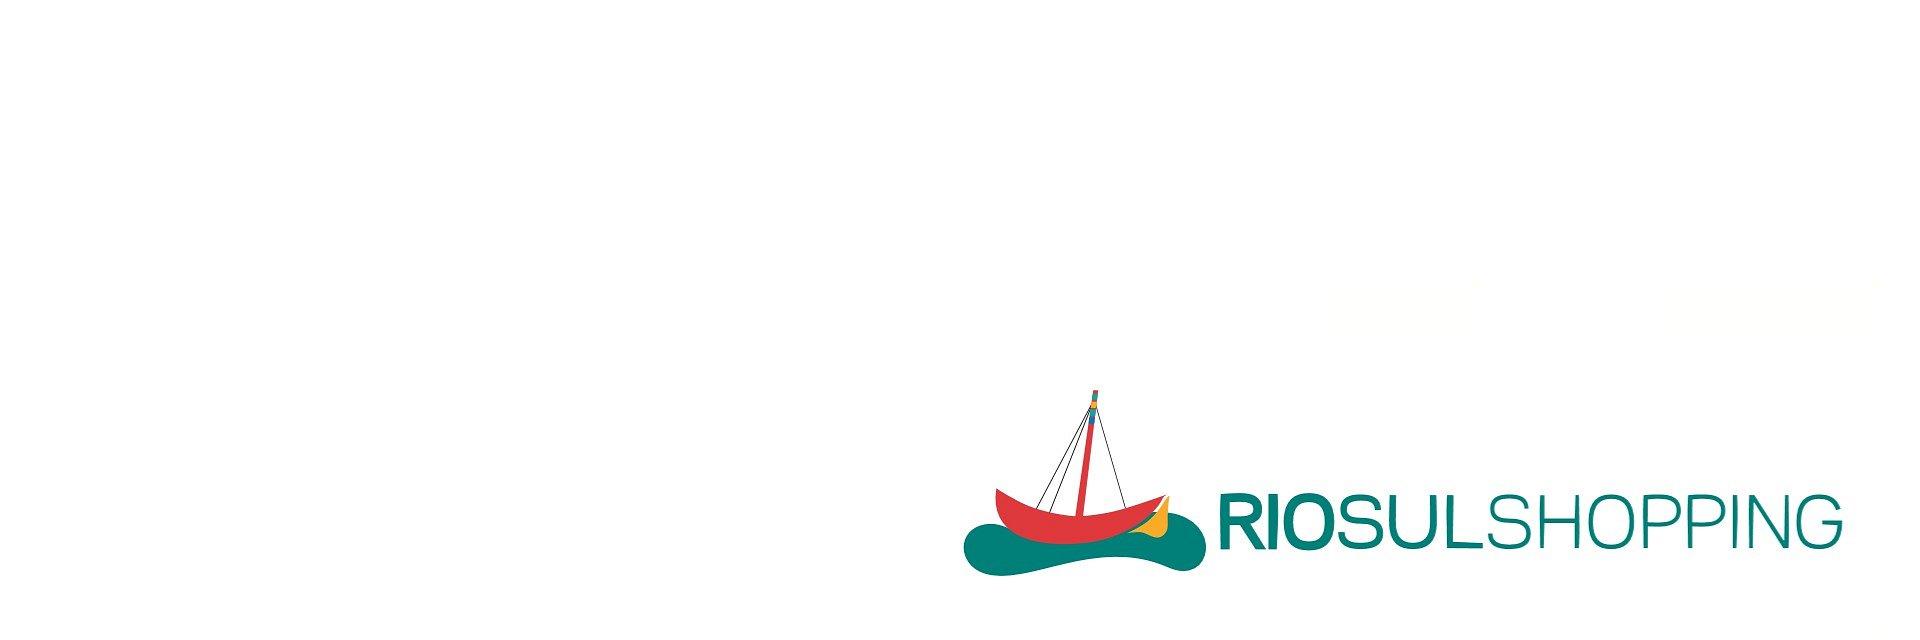 RioSul Shopping recebe concerto de Natal do Coro de Santo Amaro de Oeiras